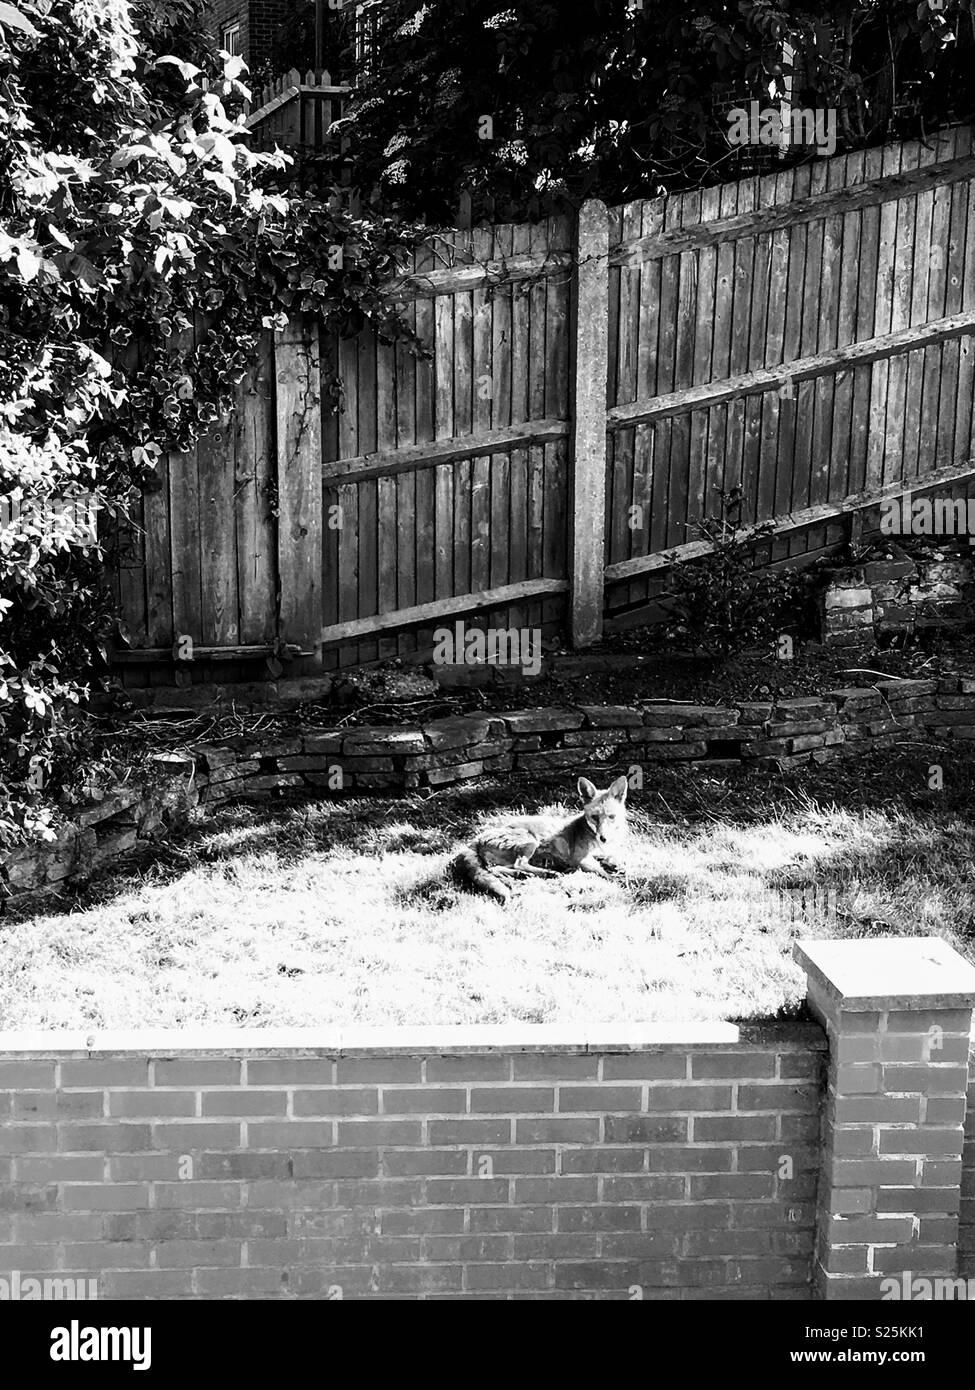 Fox urbaines en noir et blanc pour l'environnement Photo Stock